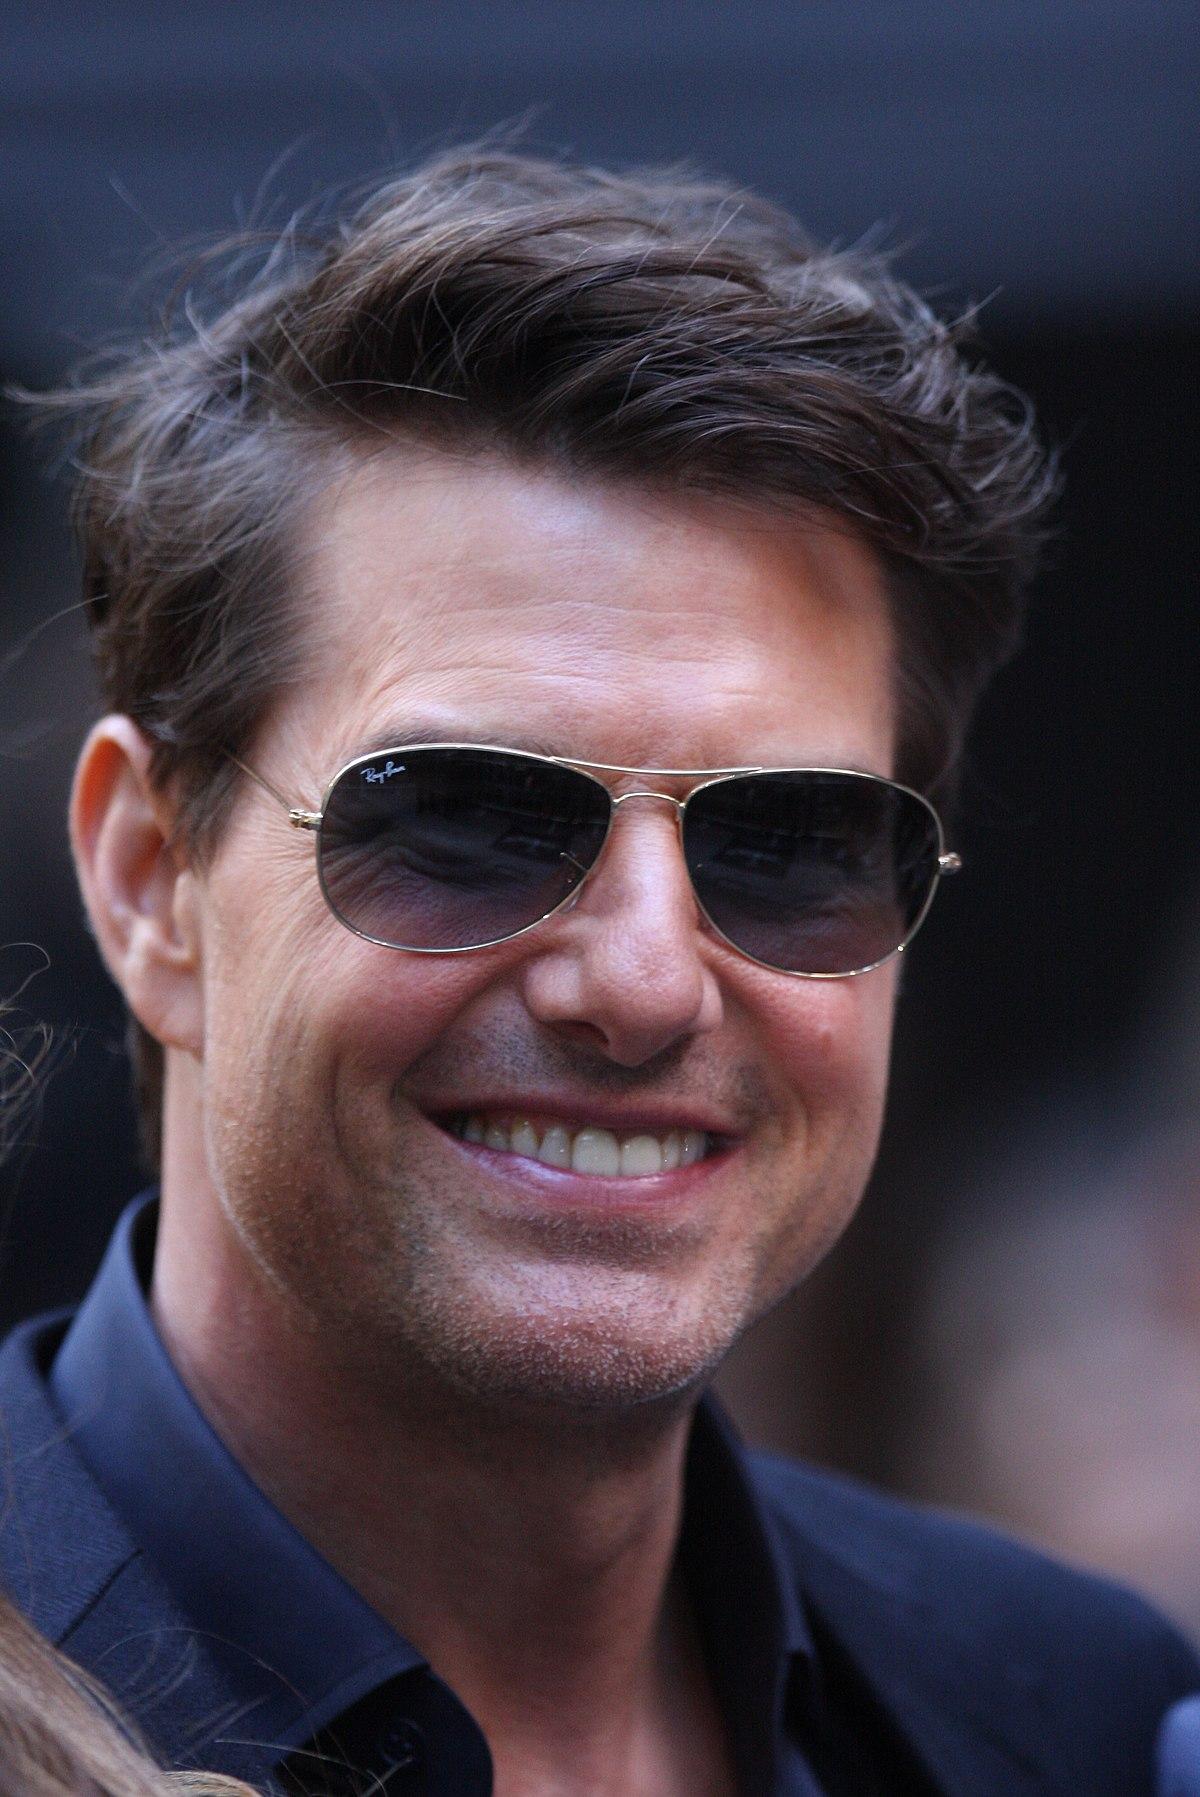 Tom Cruise – Wikipédia, a enciclopédia livre Tom Cruise